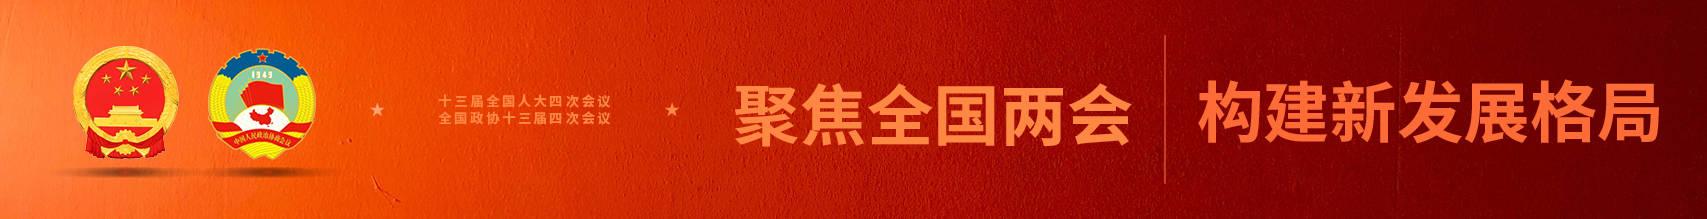 全国政协委员、春秋航空董事长王煜:未来在中西部开辟更多航线